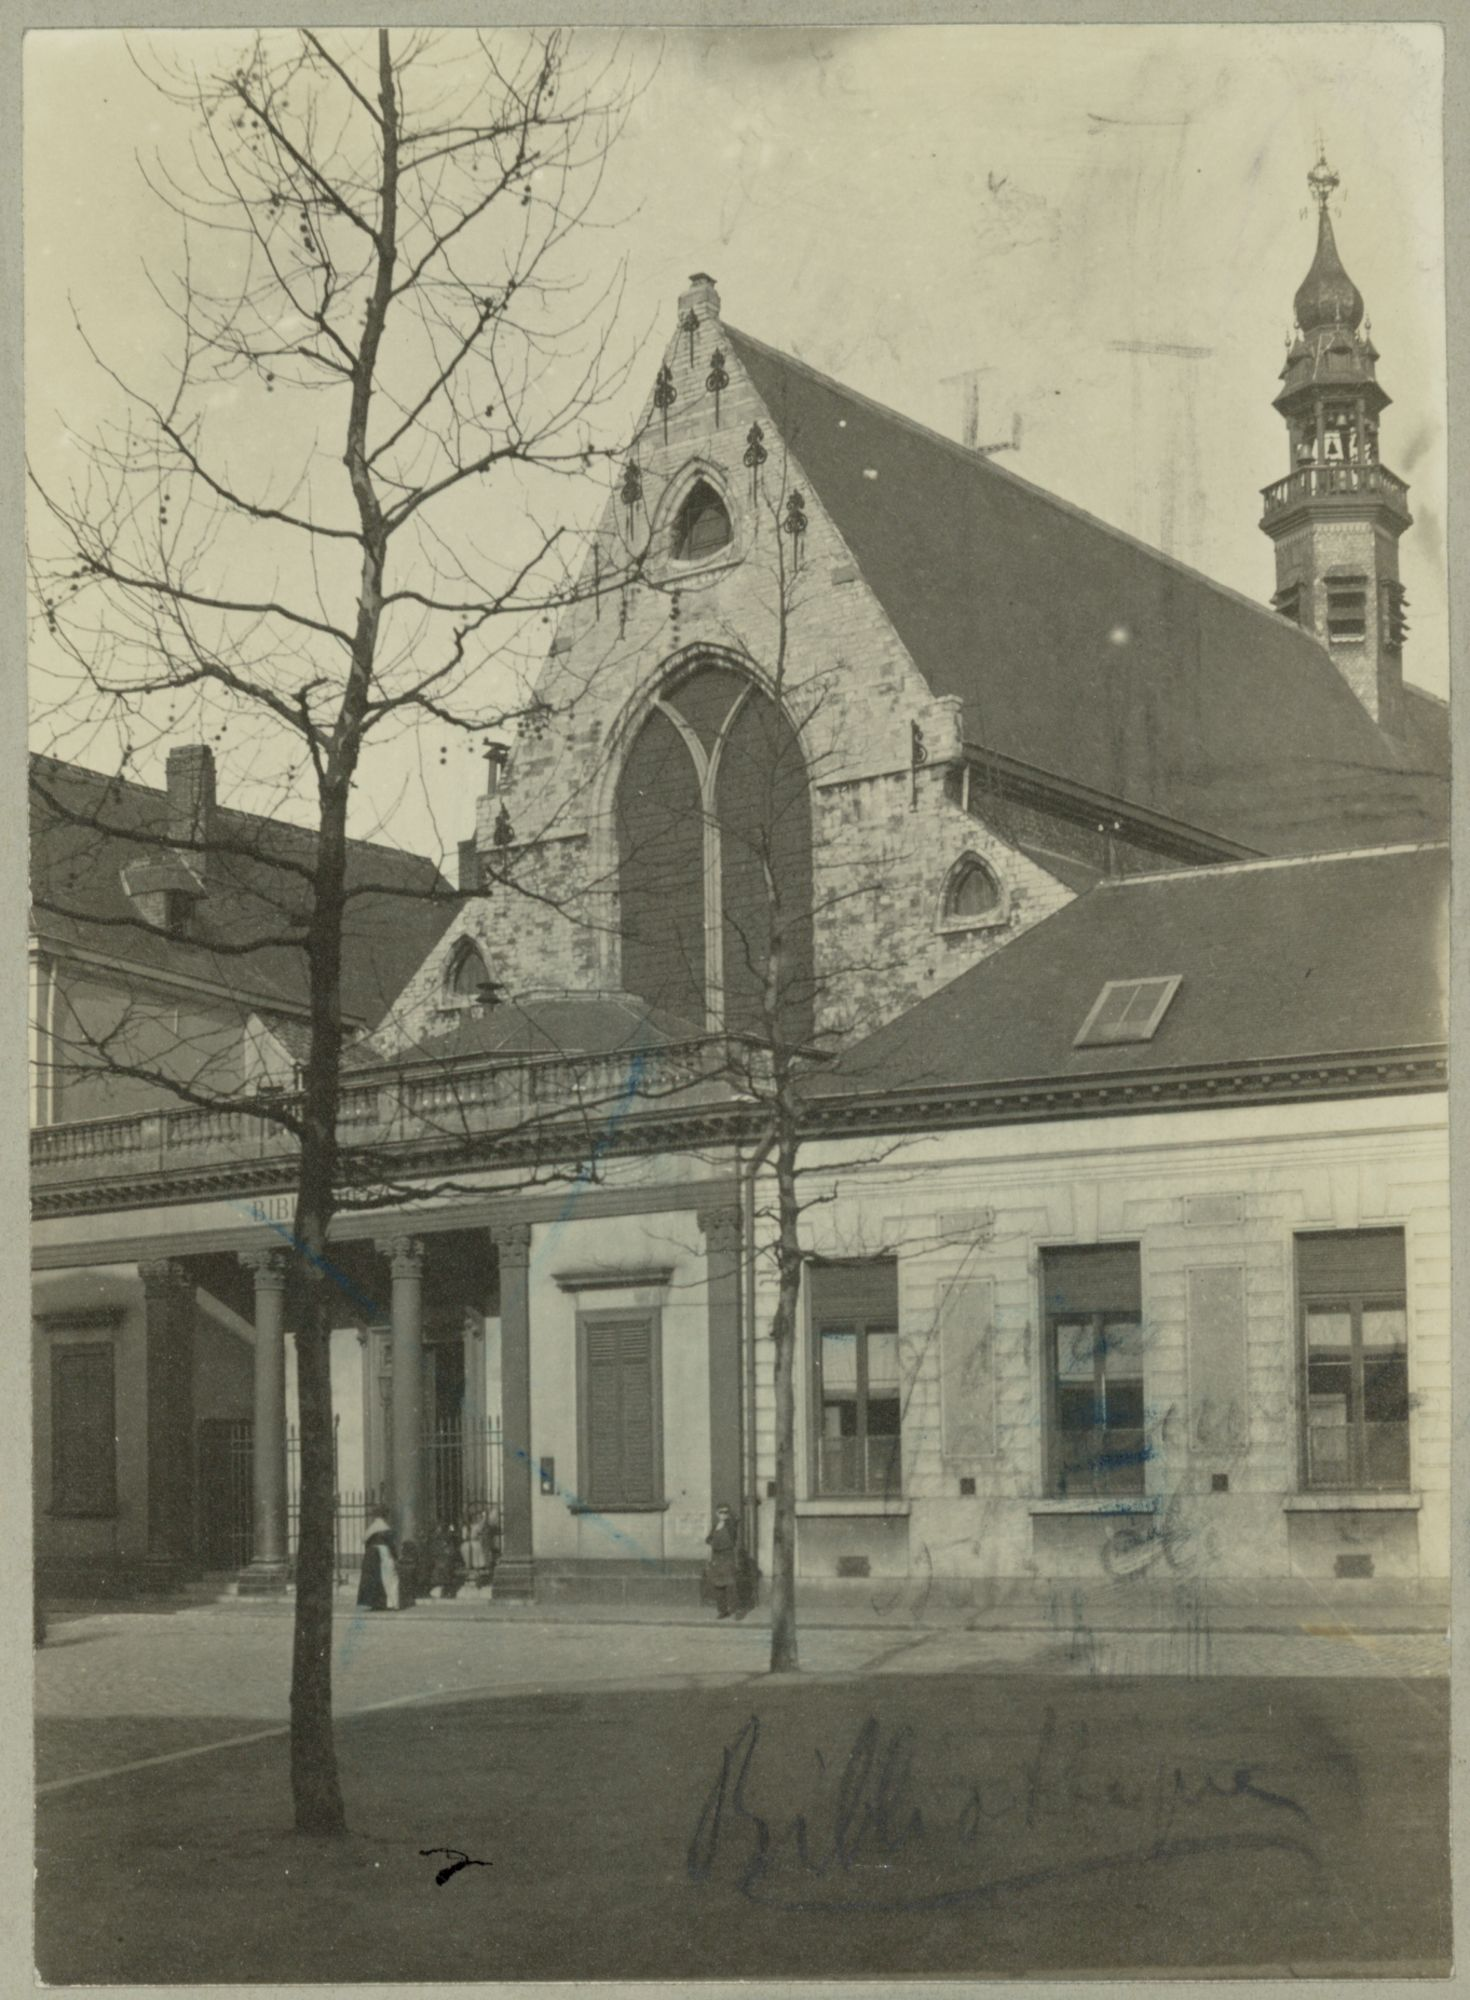 Gent: Ottogracht: Baudeloabdij (Stads- en Universiteitsbibliotheek): gevel